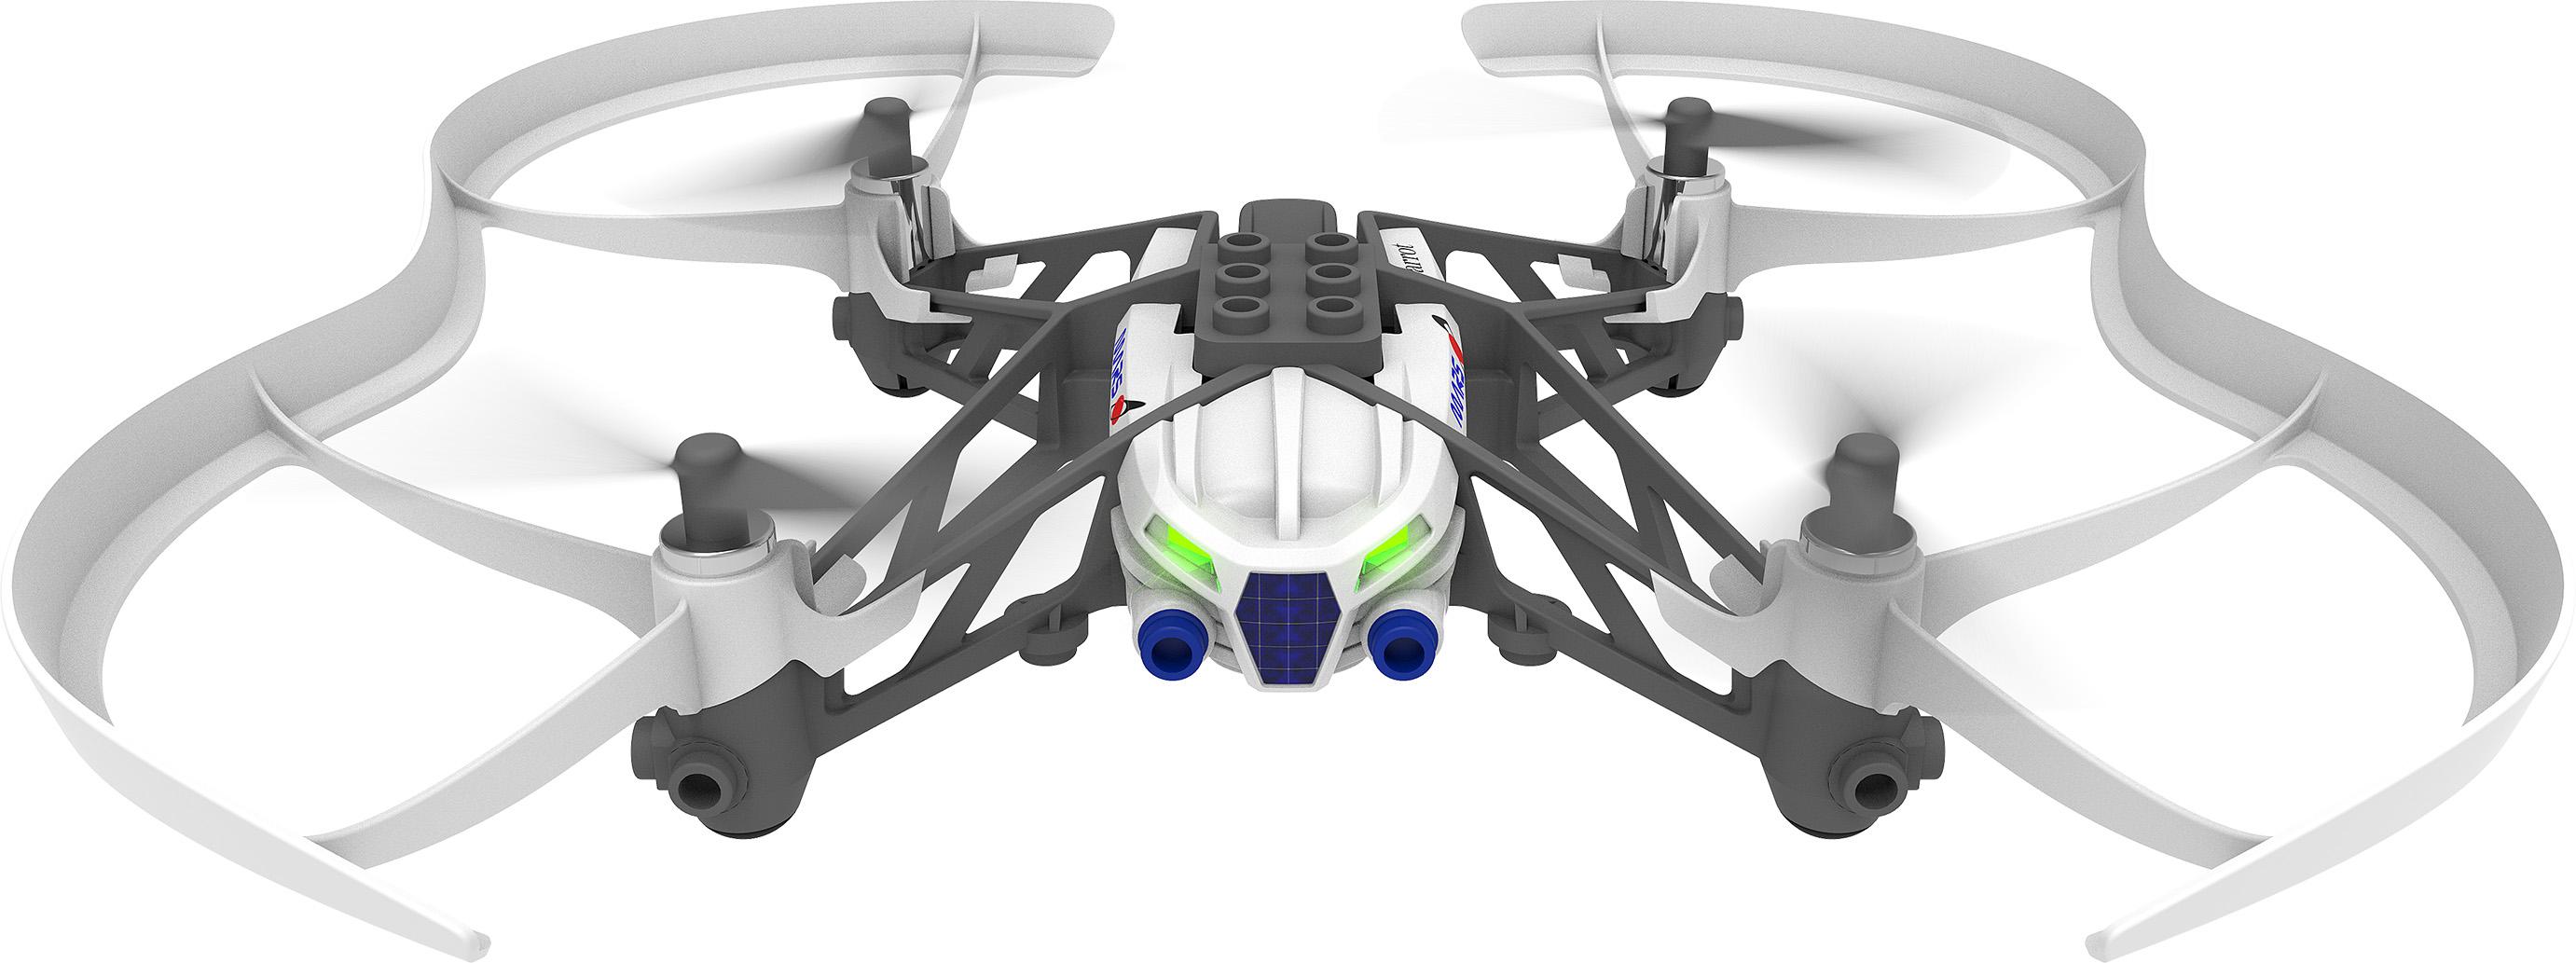 Parrot Airborne Cargo Mars Drone QK9-00009